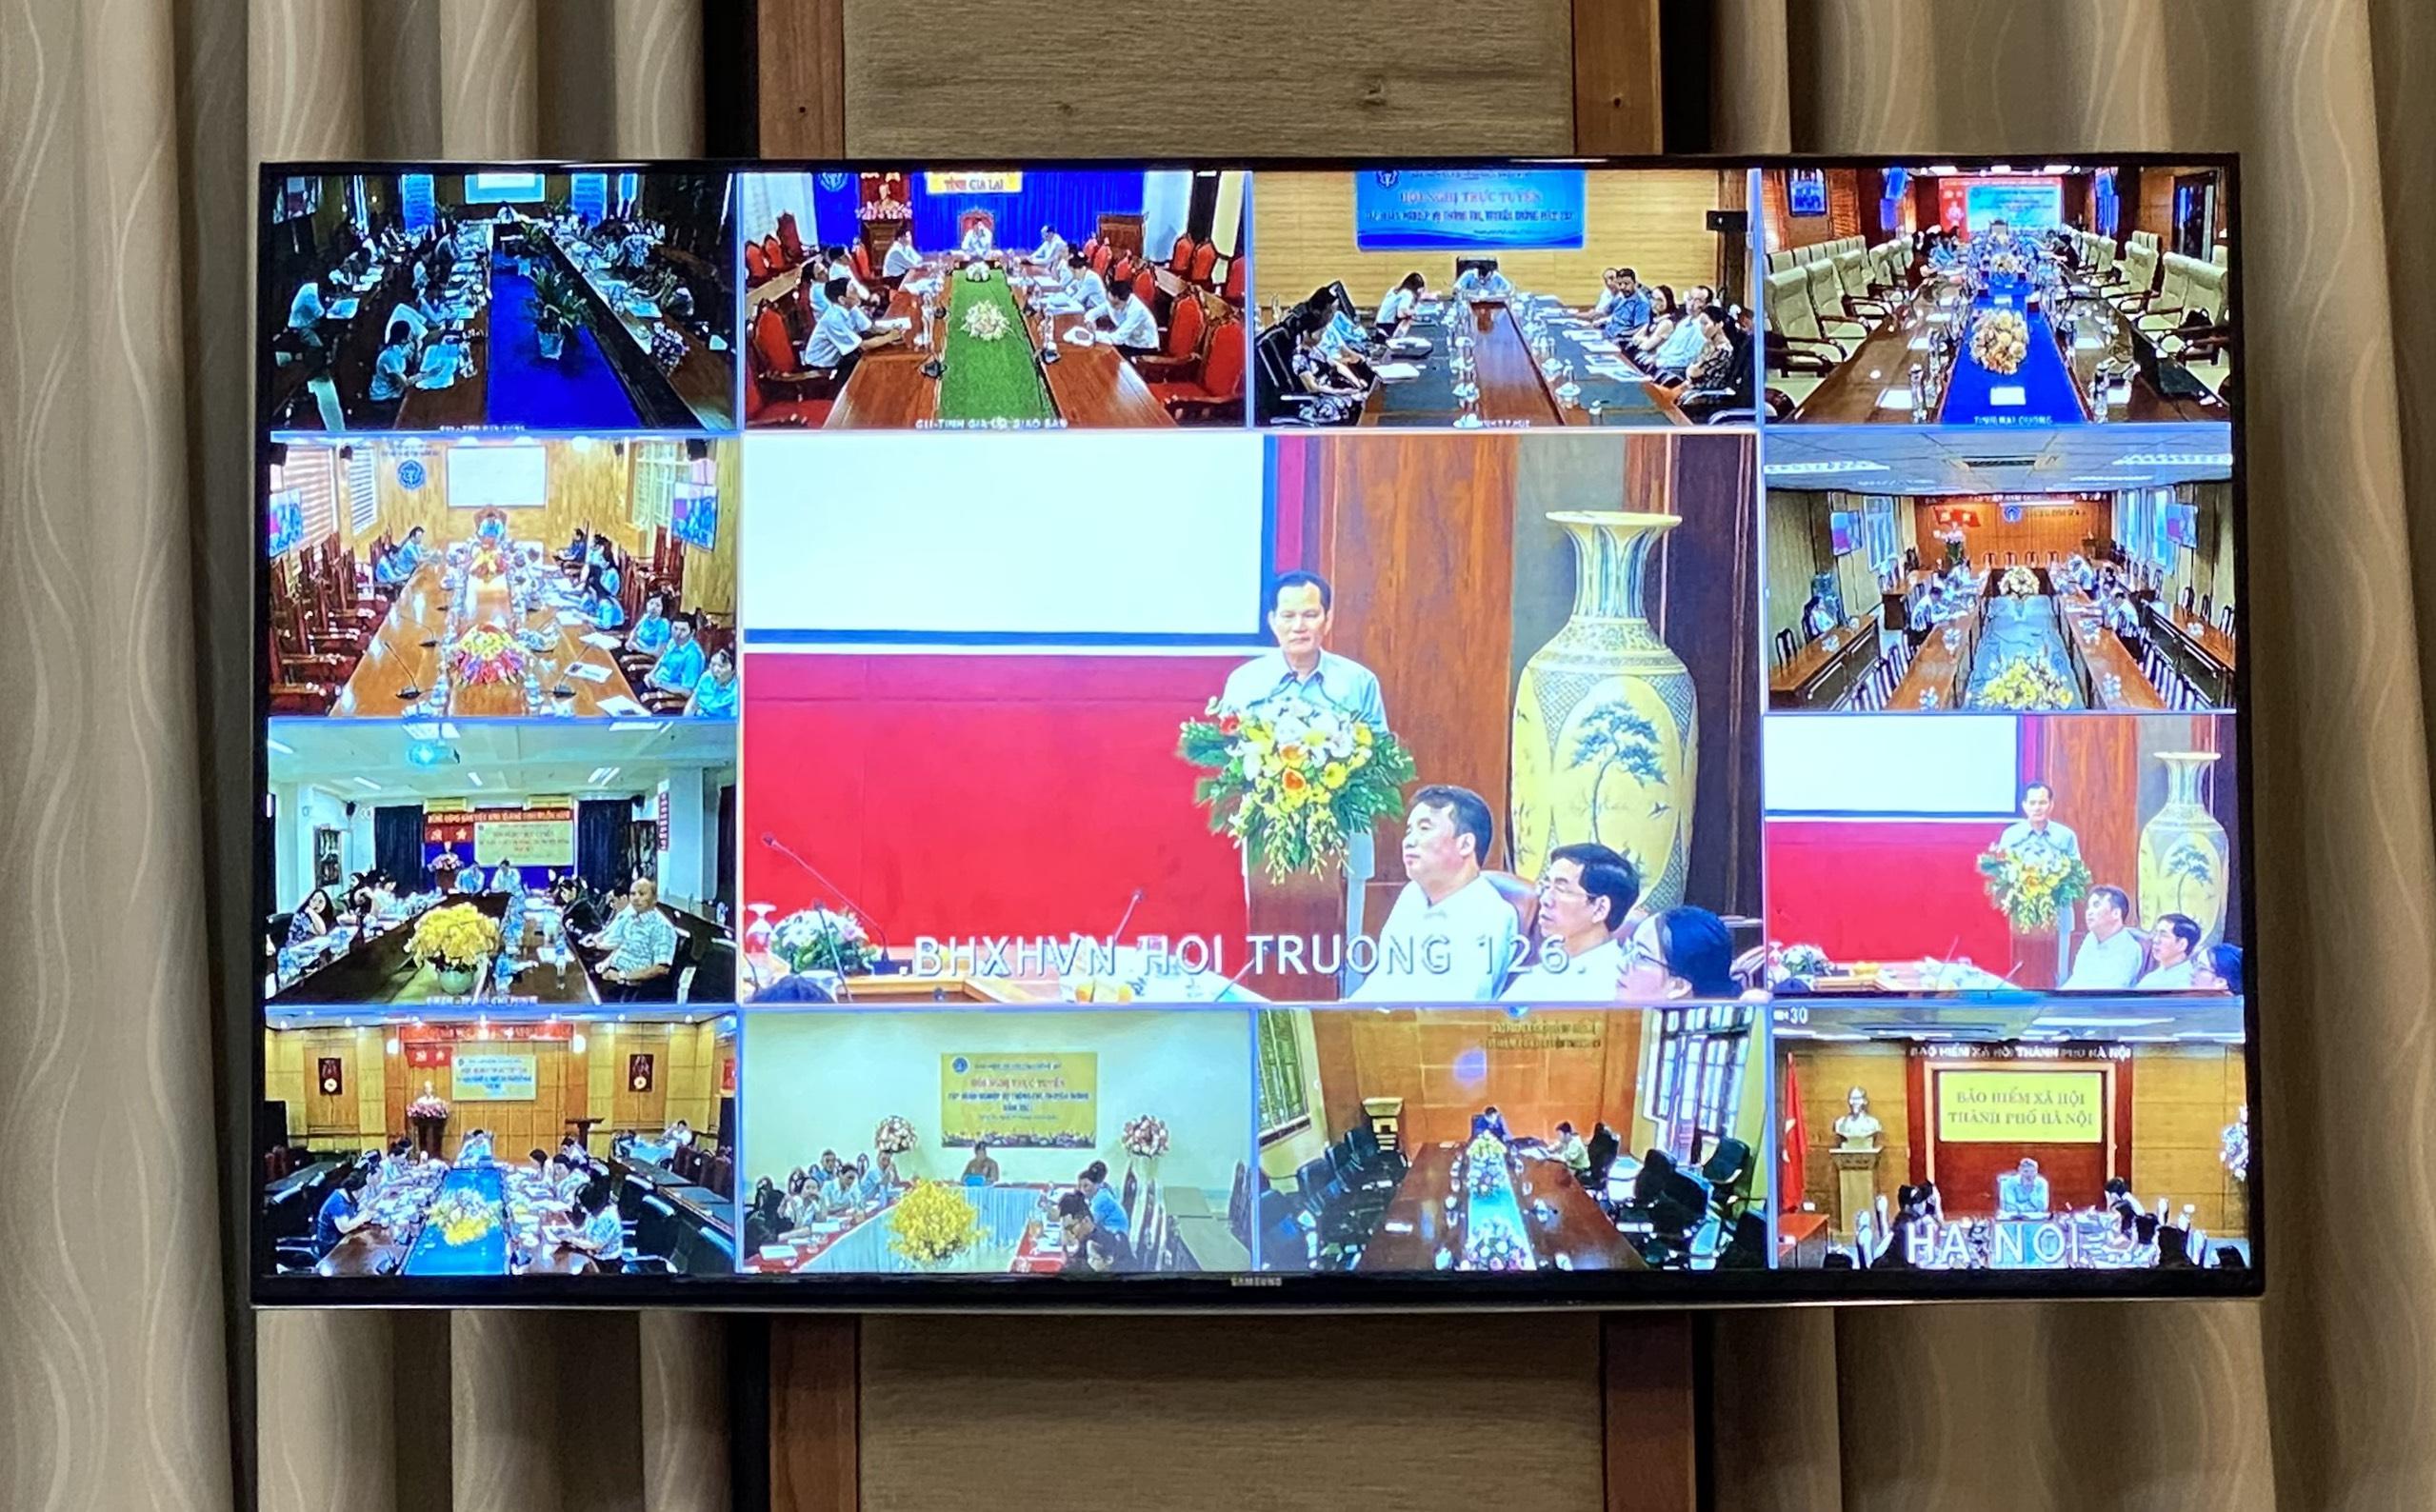 Hội nghị trực tuyến tới 63 điểm cầu tại Bảo hiểm xã hội các tỉnh, thành phố trực thuộc Trung ương và hơn 700 điểm cầu tại Bảo hiểm xã hội các quận, huyện